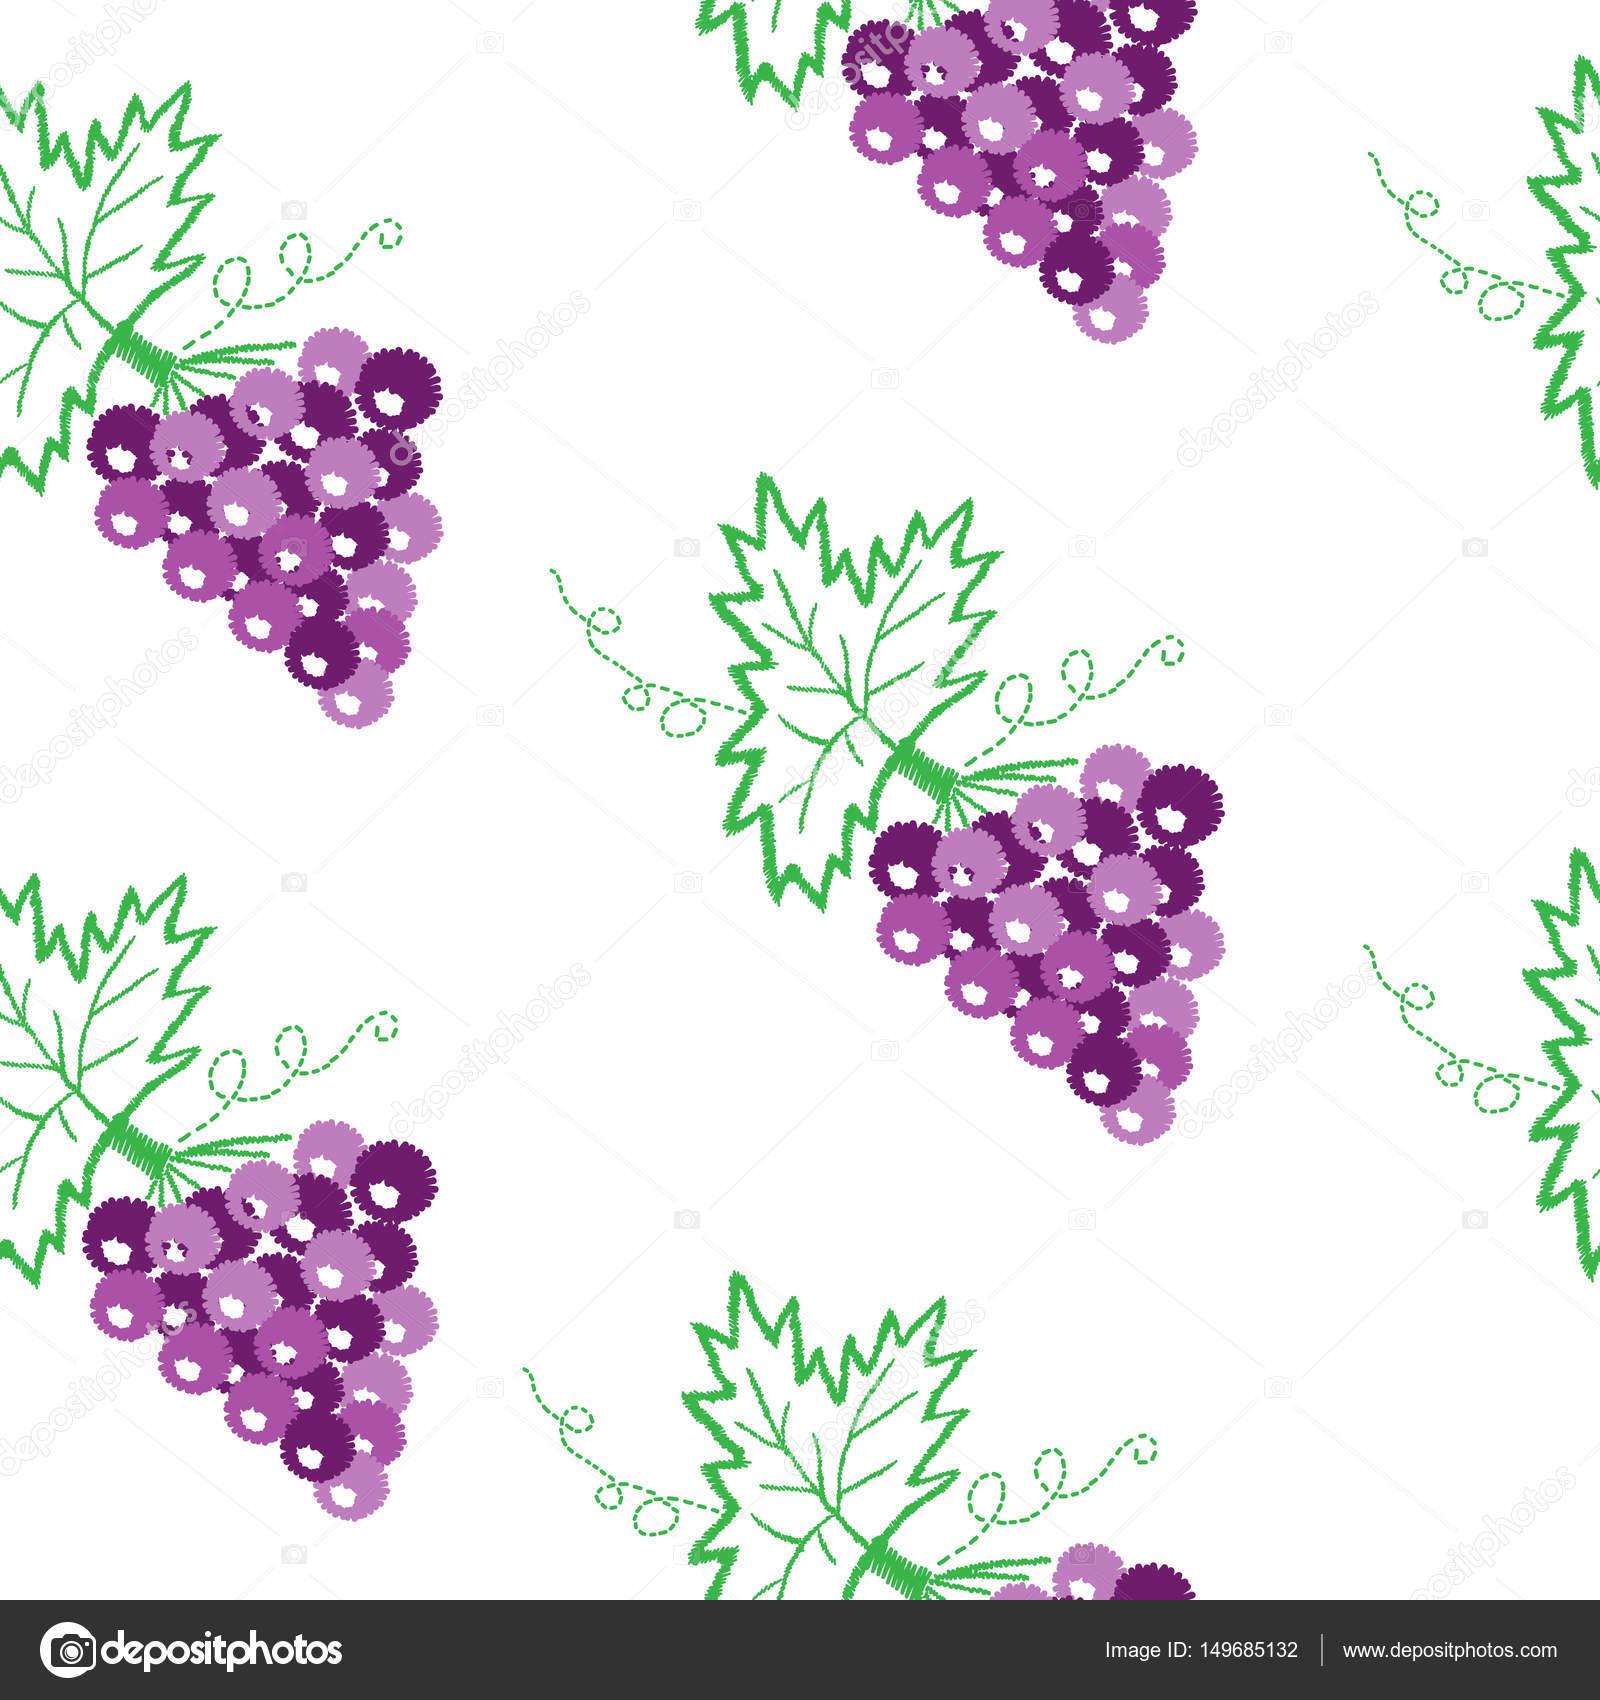 Imágenes: uvas para imprimir   Vid con uvas y hojas de puntadas de ...